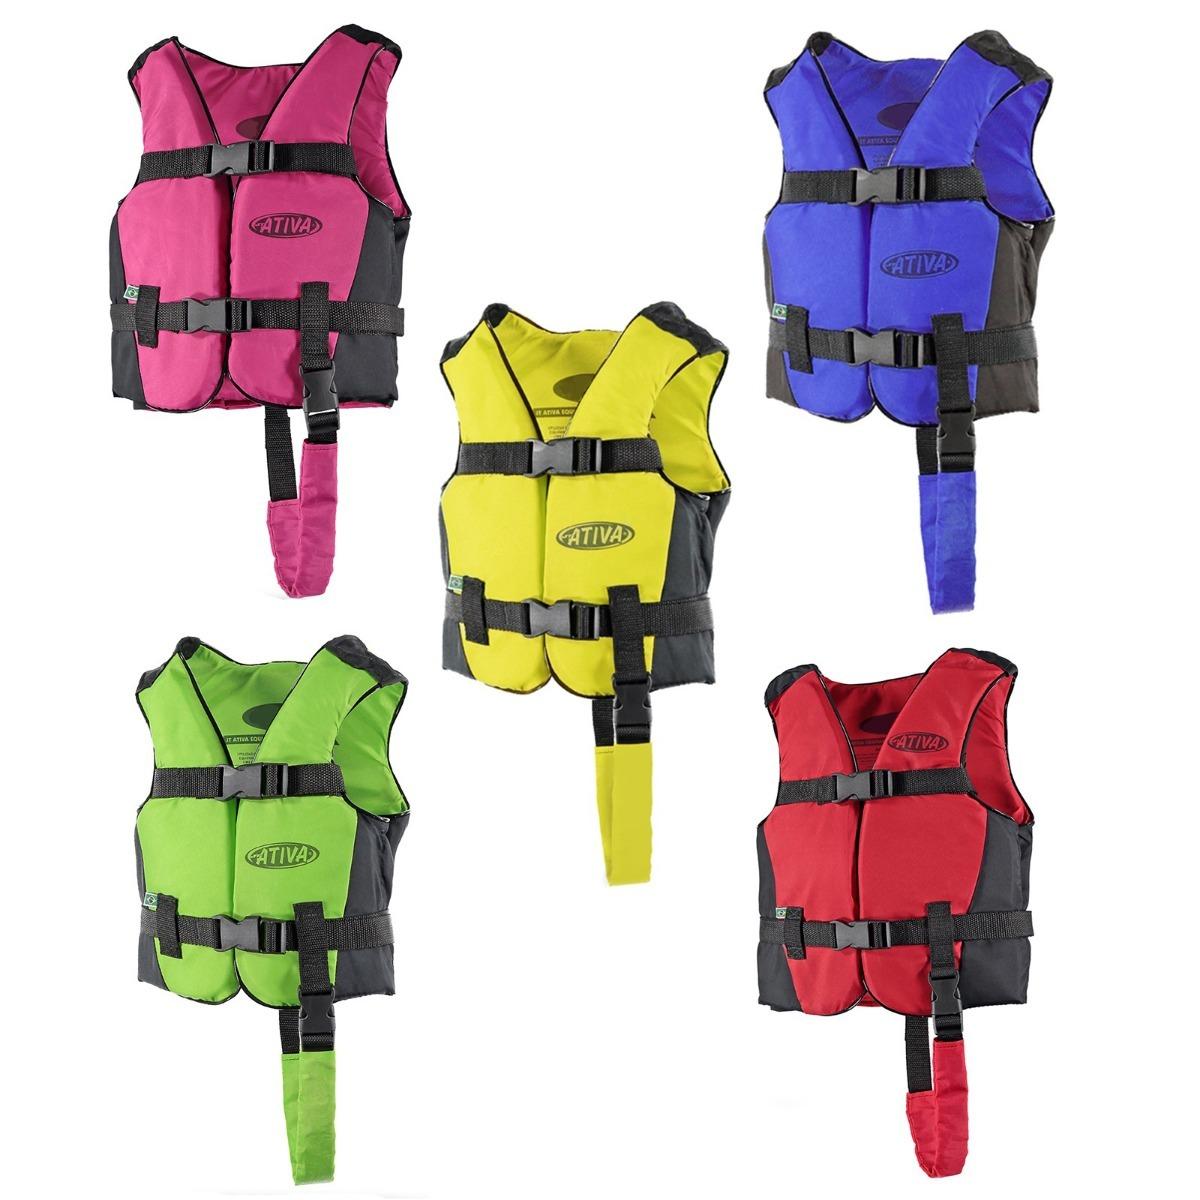 c0e70fd31 colete salva vidas esportivo canoa infantil 30kg ativa cores. Carregando  zoom.